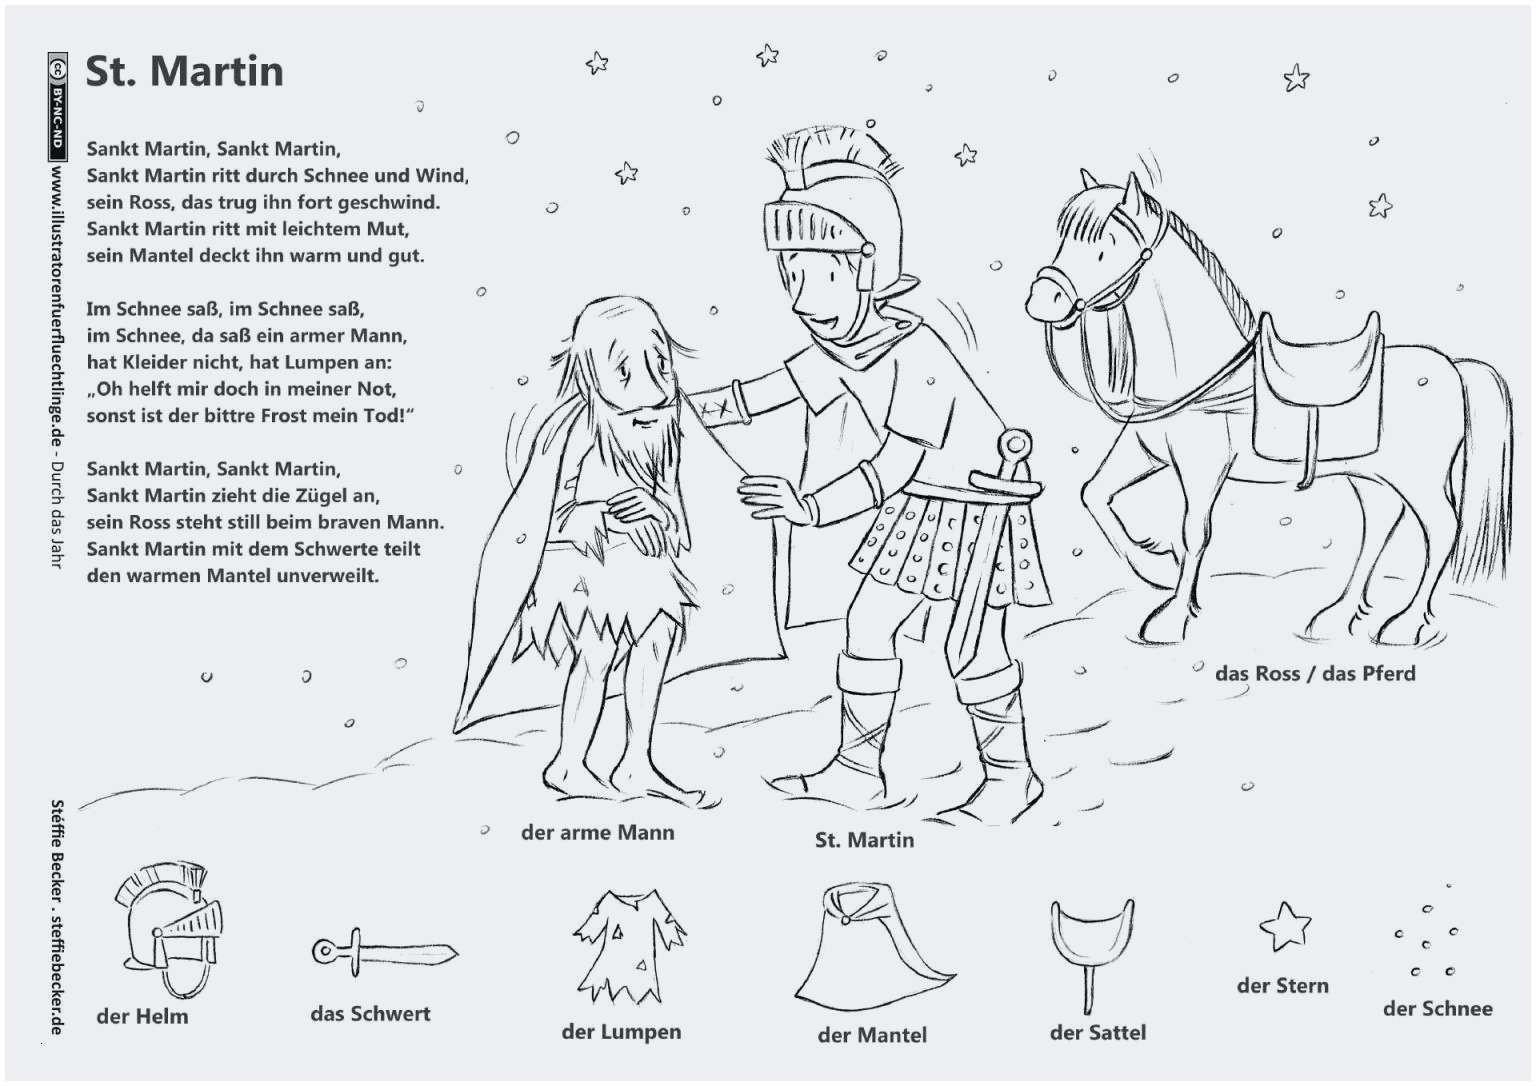 Ausmalbilder Für Kleinkinder Weihnachten Genial Ausmalbilder Für Mädchen Mädchen Malvorlage Wunderschön Fotografieren